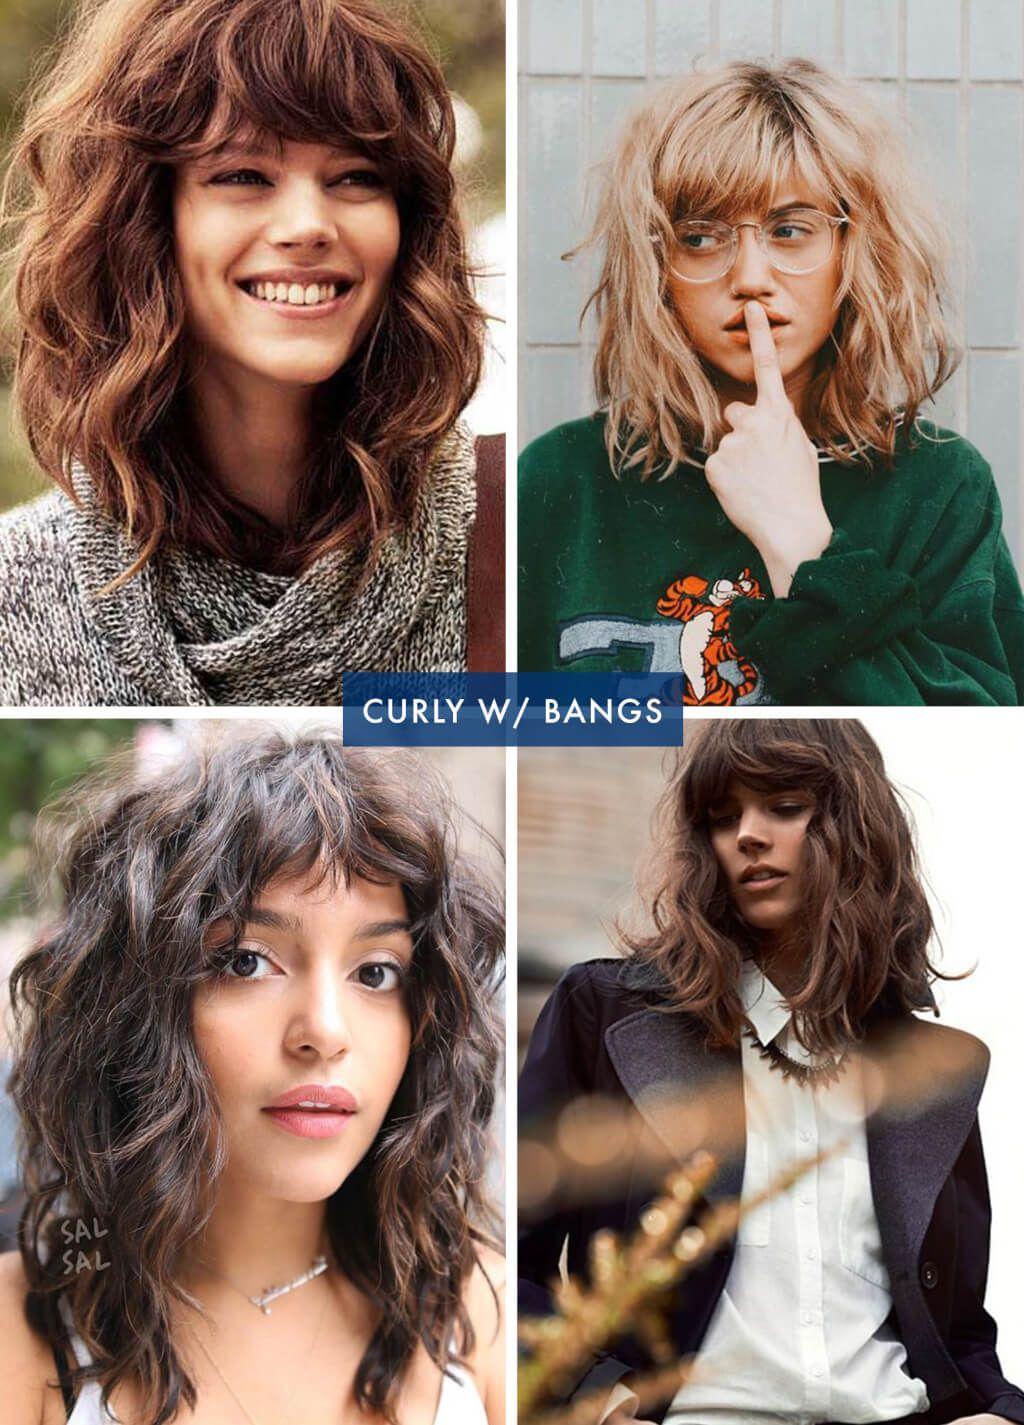 #henderson #feindlich #color #curly #bangs #help